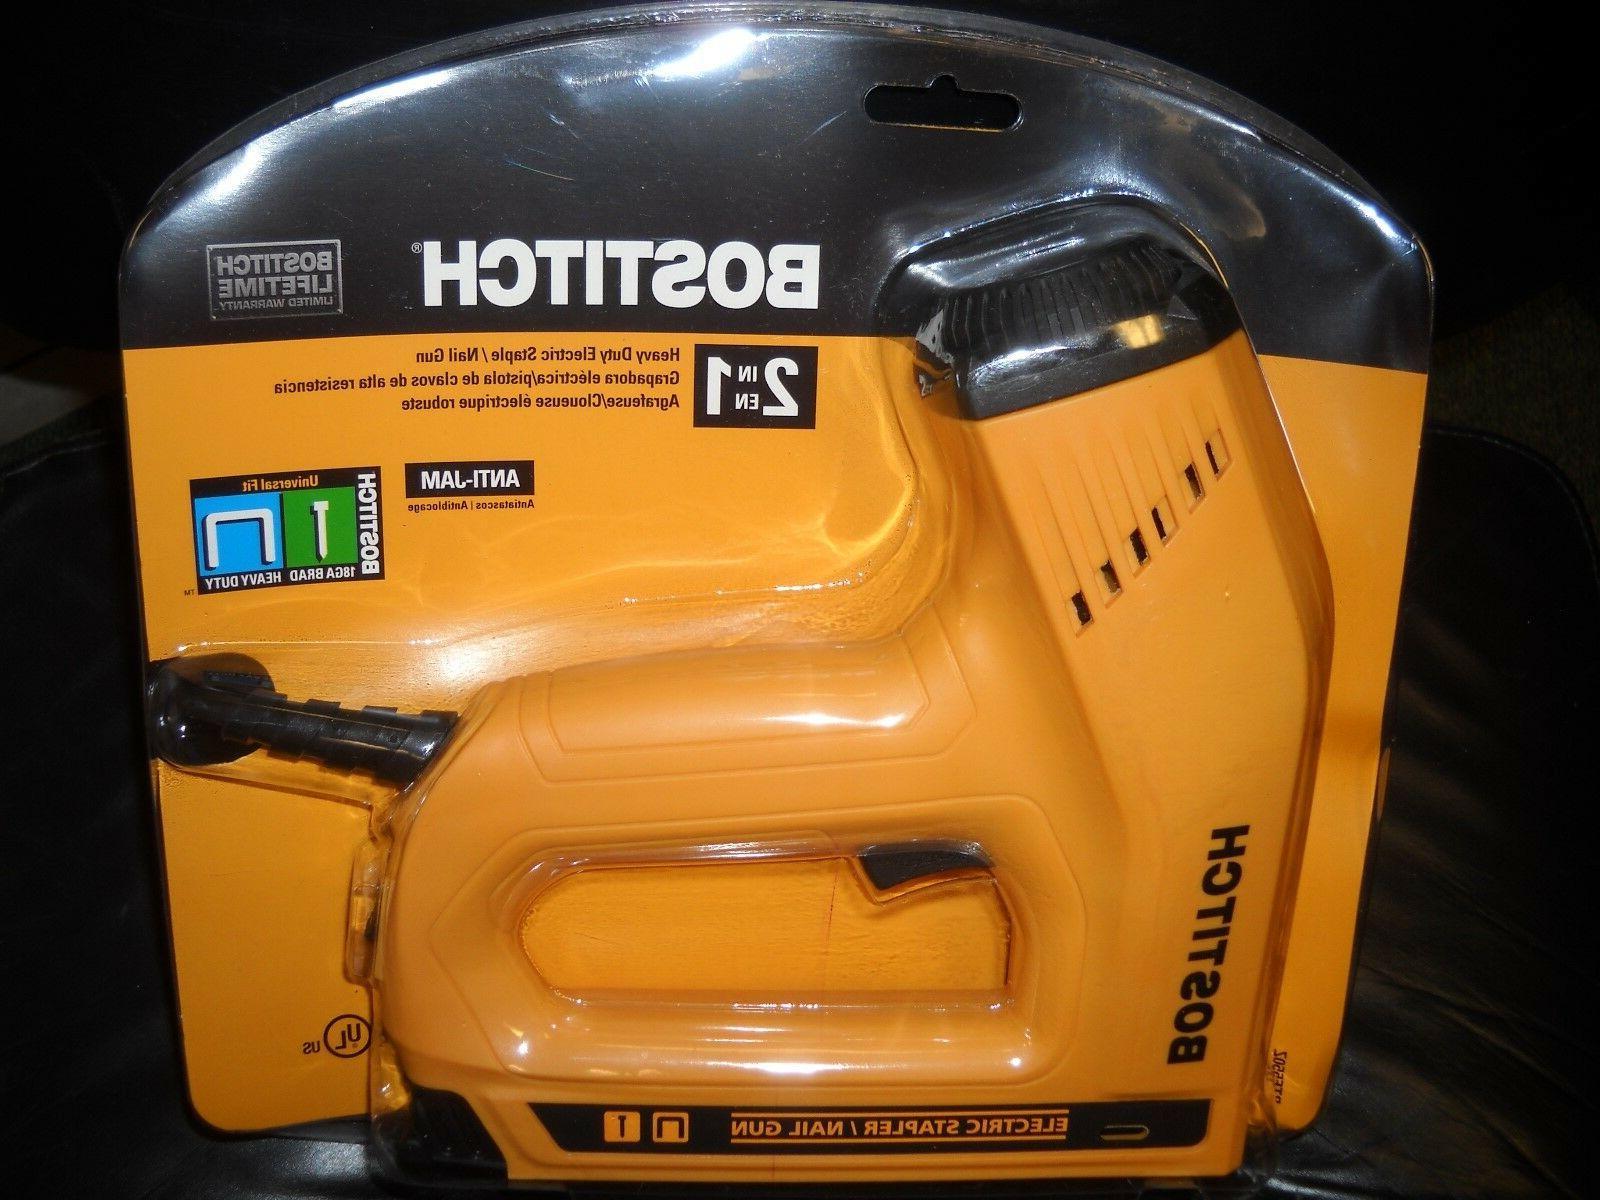 bte550z heavy duty electric 2 in 1